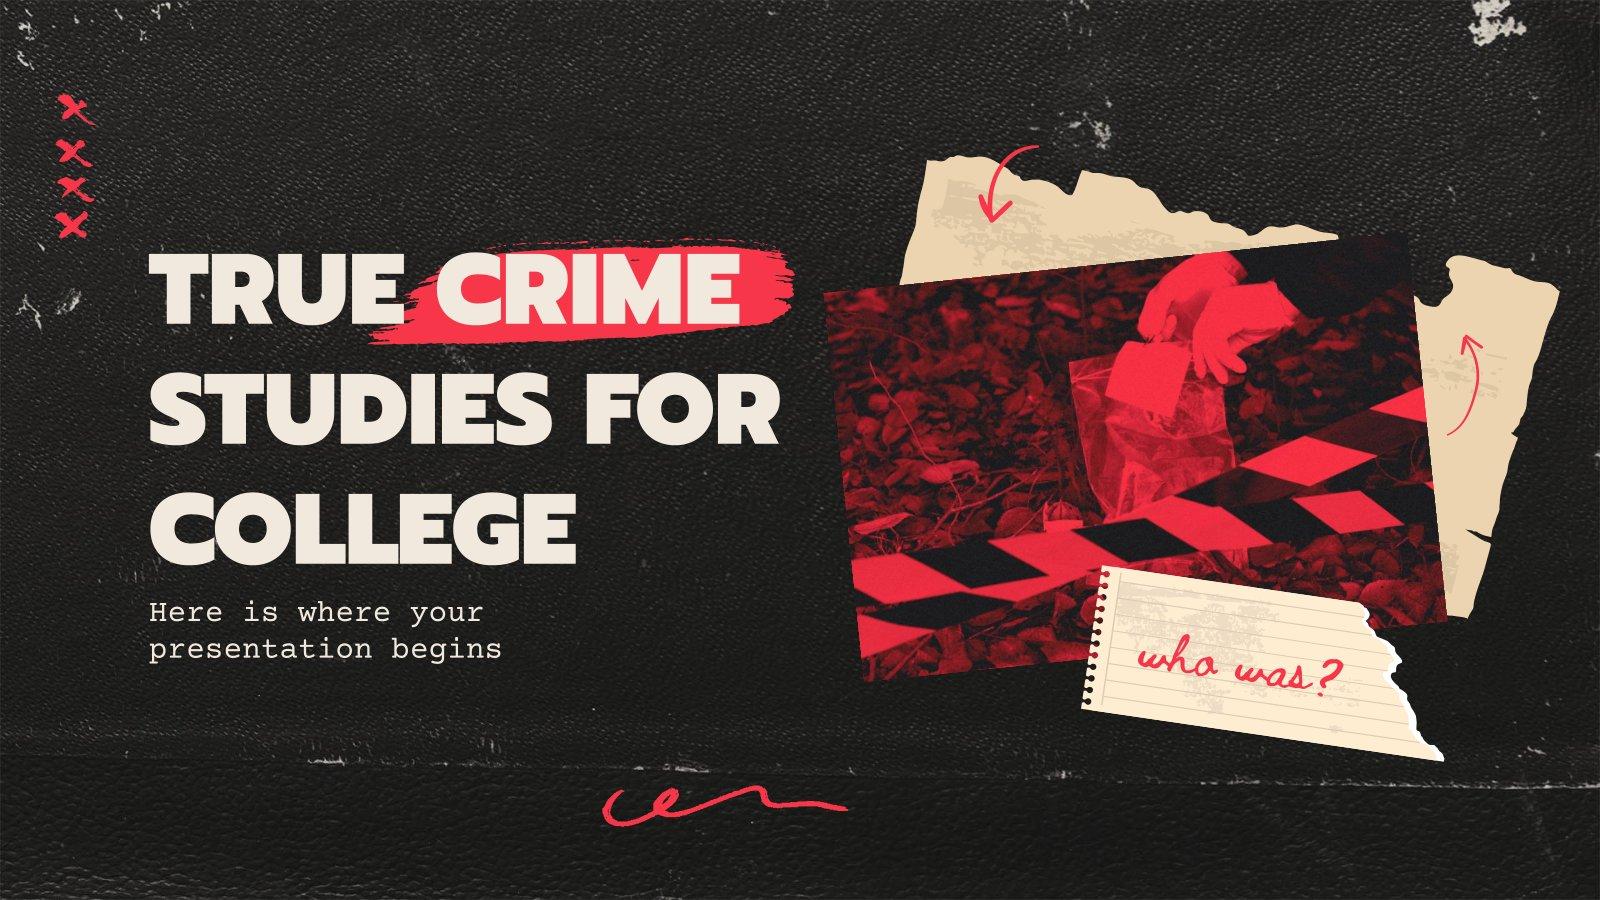 True Crime Studium an der Uni Präsentationsvorlage